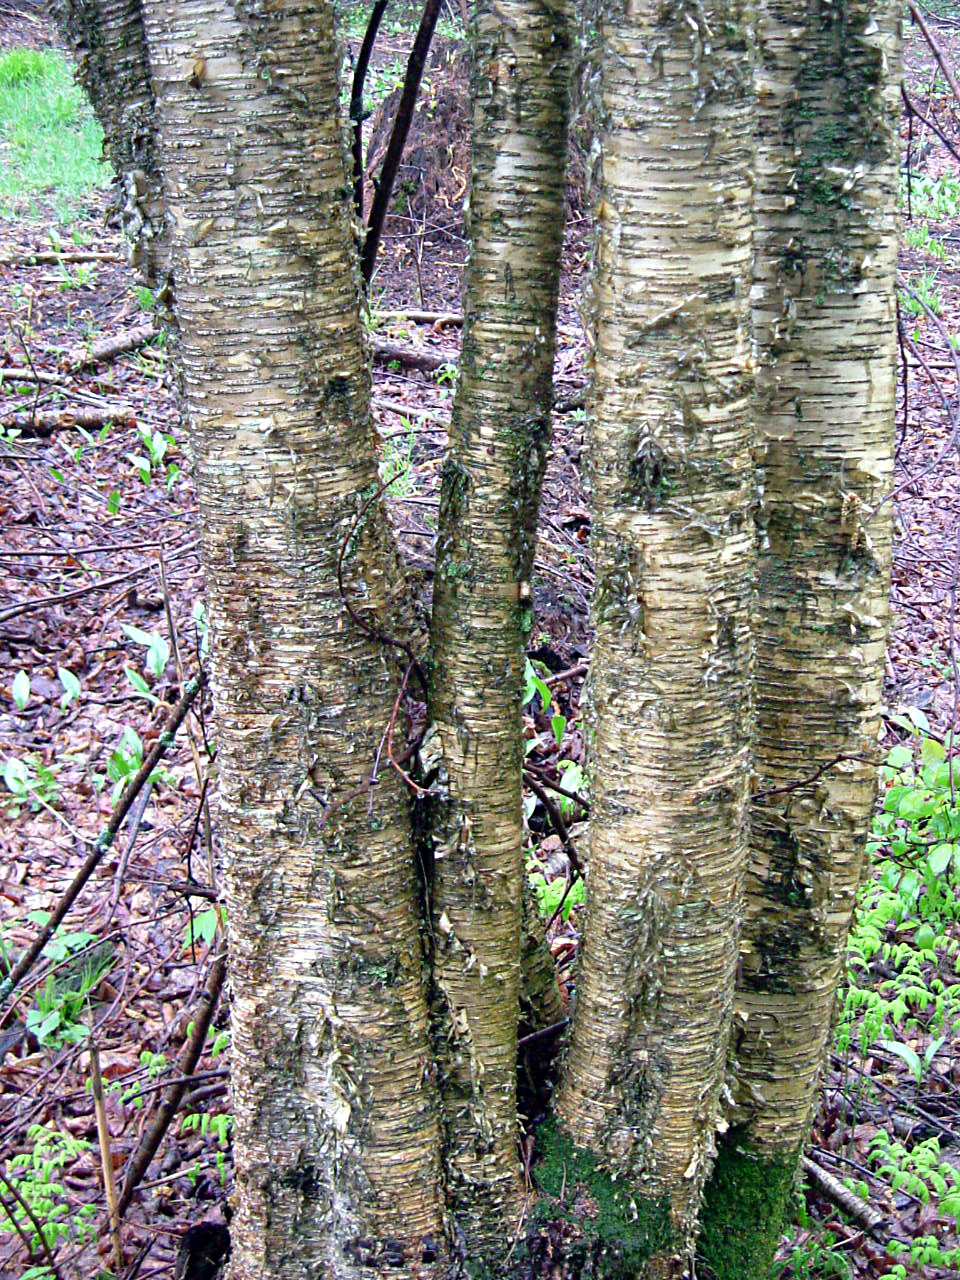 Tronc de bouleau perfect troncs de bouleau disolement sur - Tronc de bouleau ...